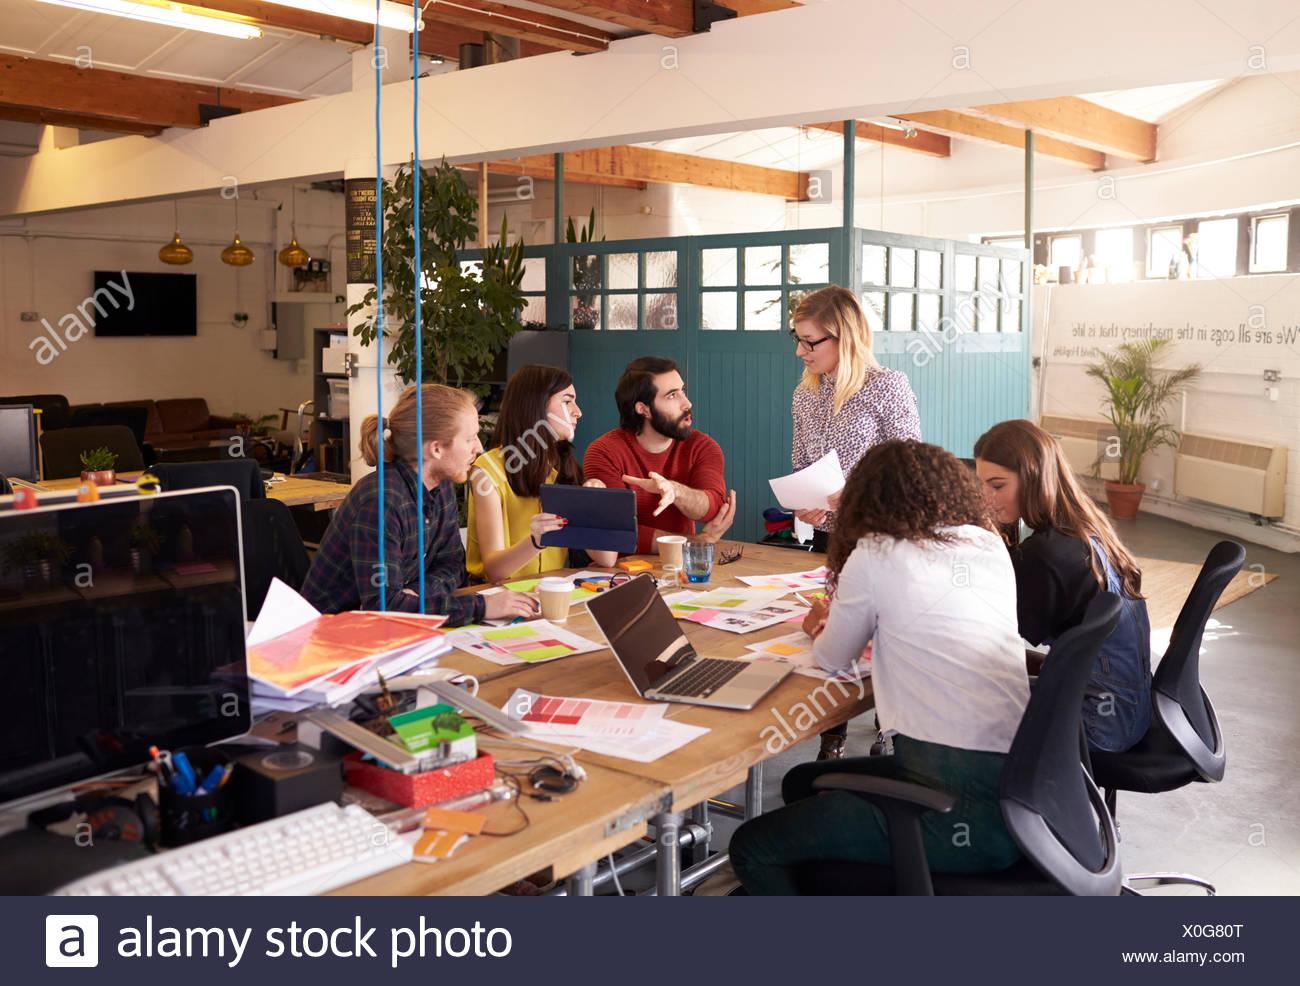 Ampia angolazione della donna manager alla Riunione di brainstorming Immagini Stock